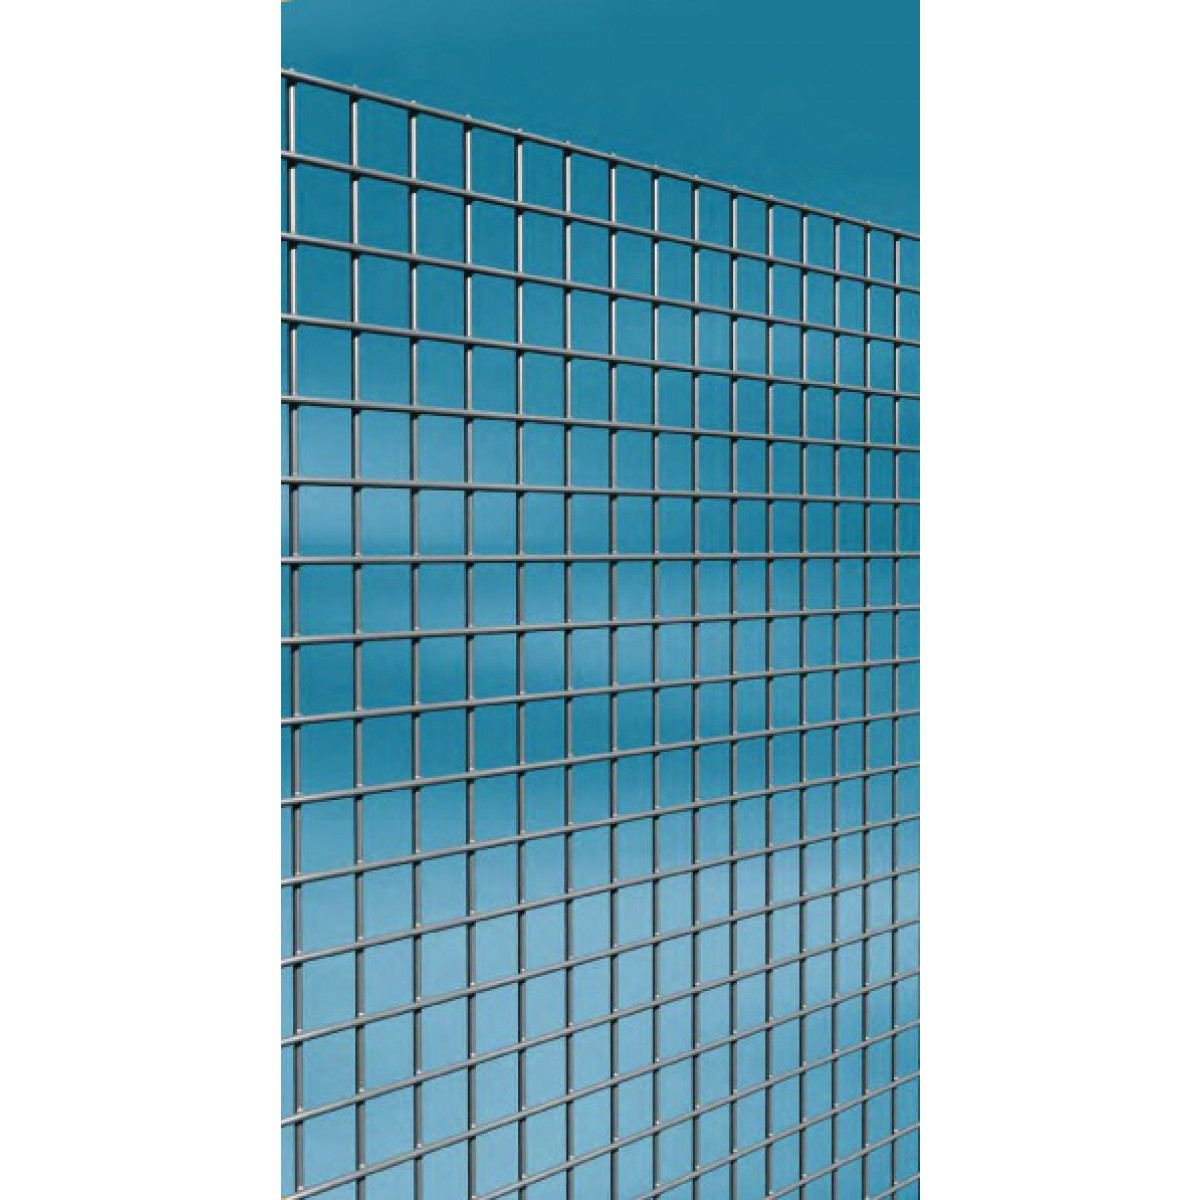 Grillage maille carrée galvanisé Cavatorta - Longueur 5 m - Hauteur 0,5 m - Maille 25 mm